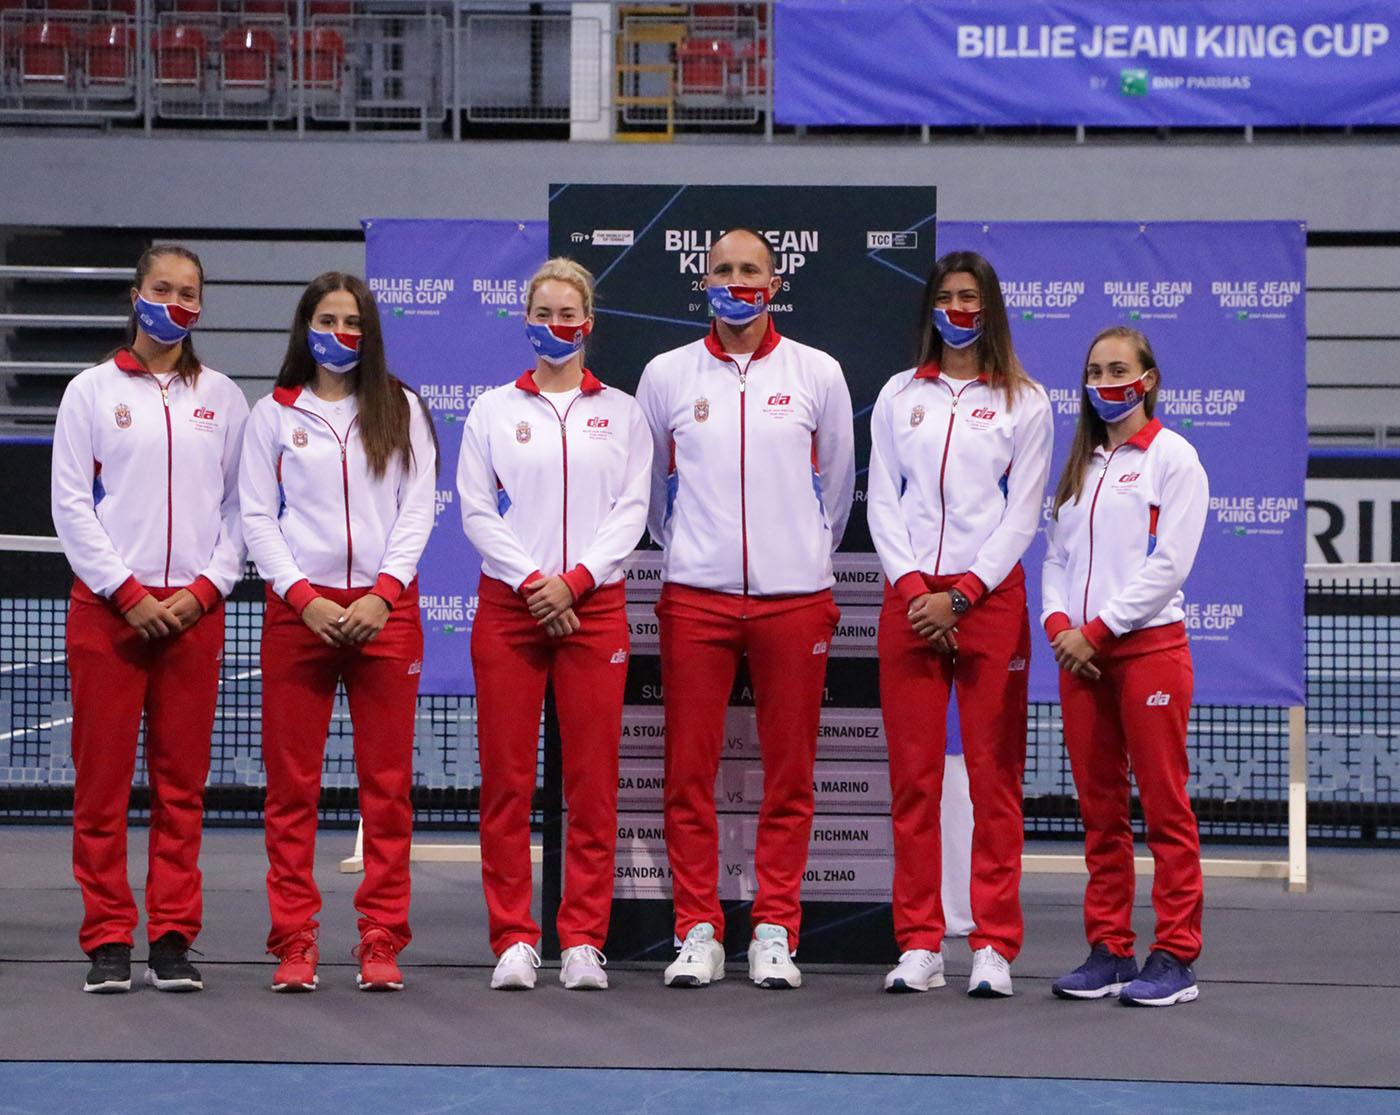 teniska reprezentacija srbije